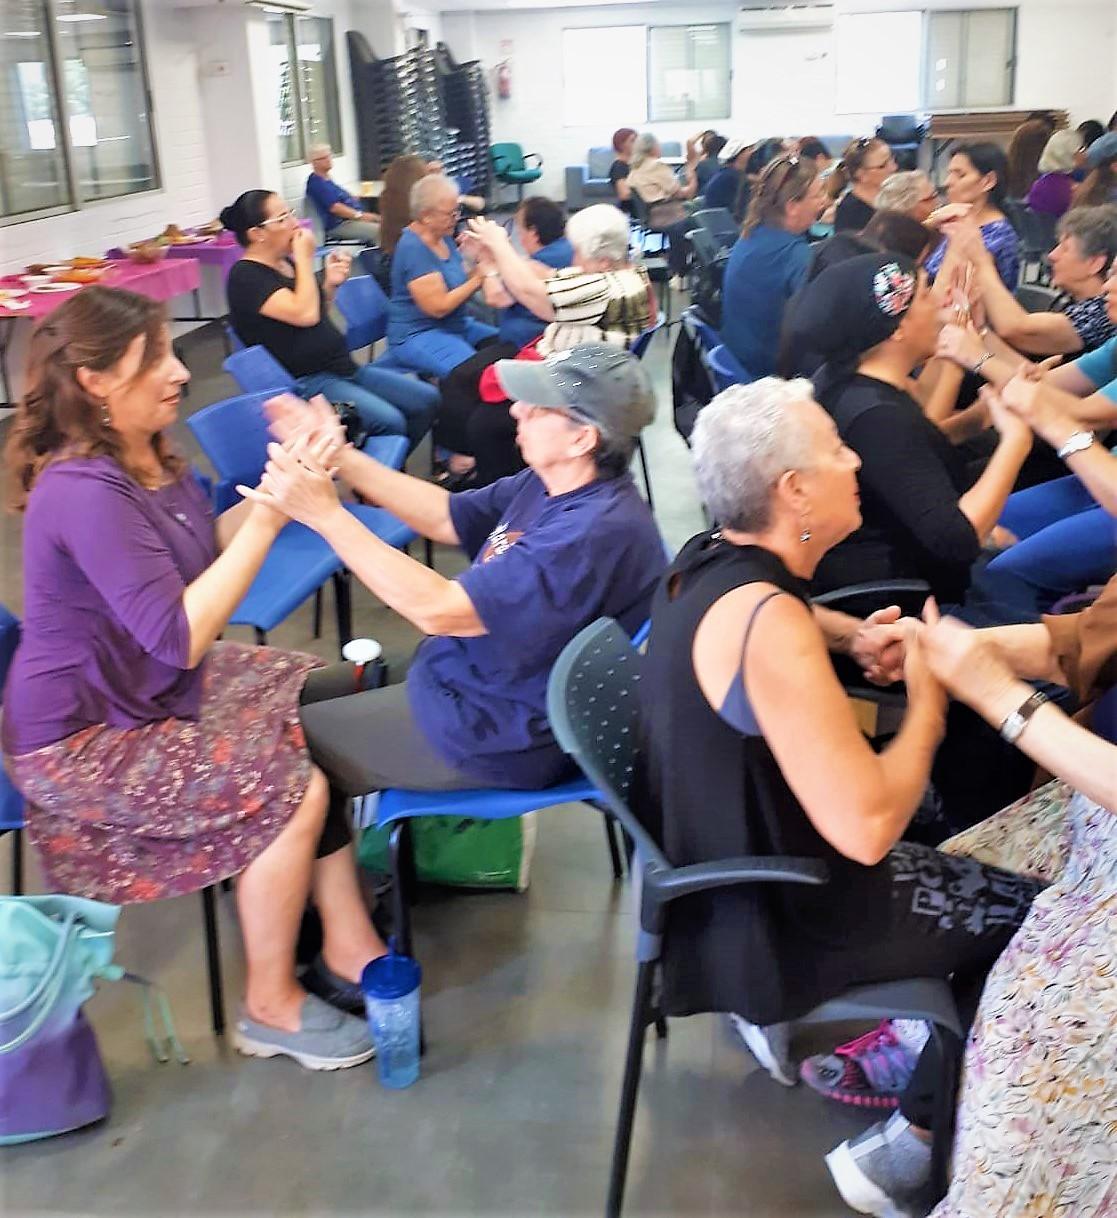 מפגש גילוי מוקדם לנשים חירשות עיוורות בסניף של אגודת החרשים בישראל